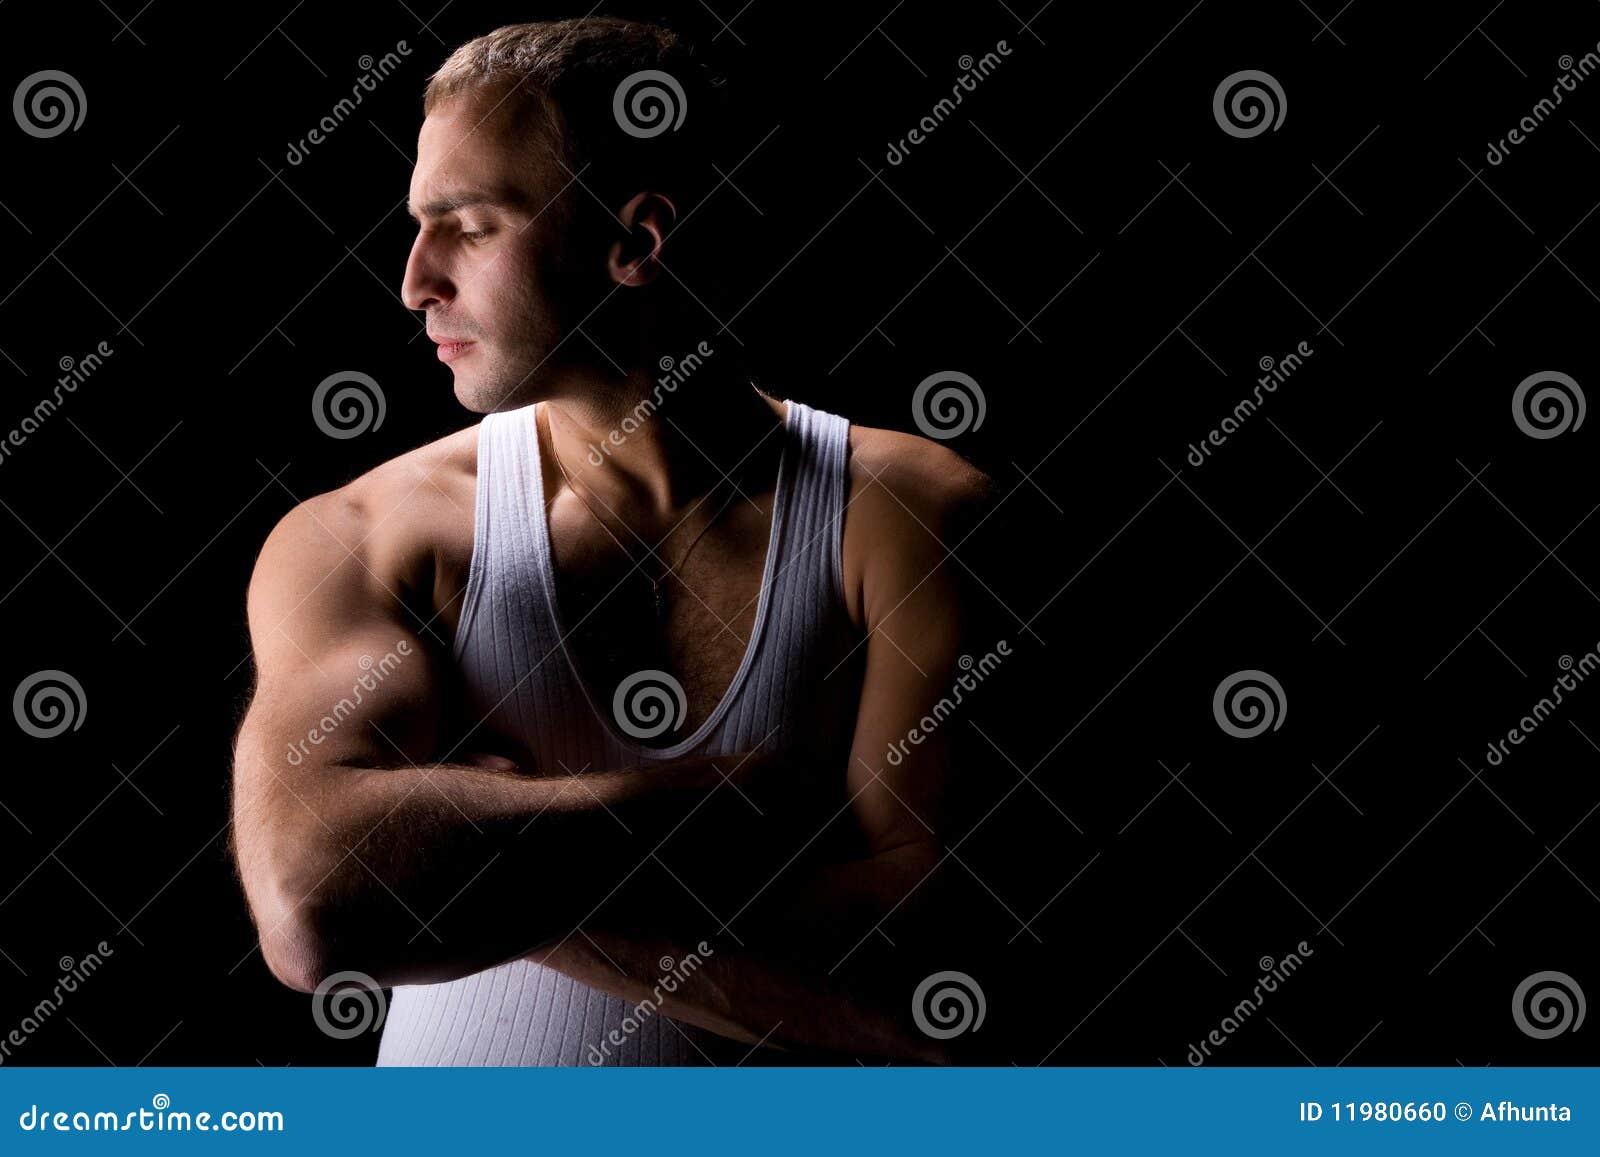 handsome black athletes dating